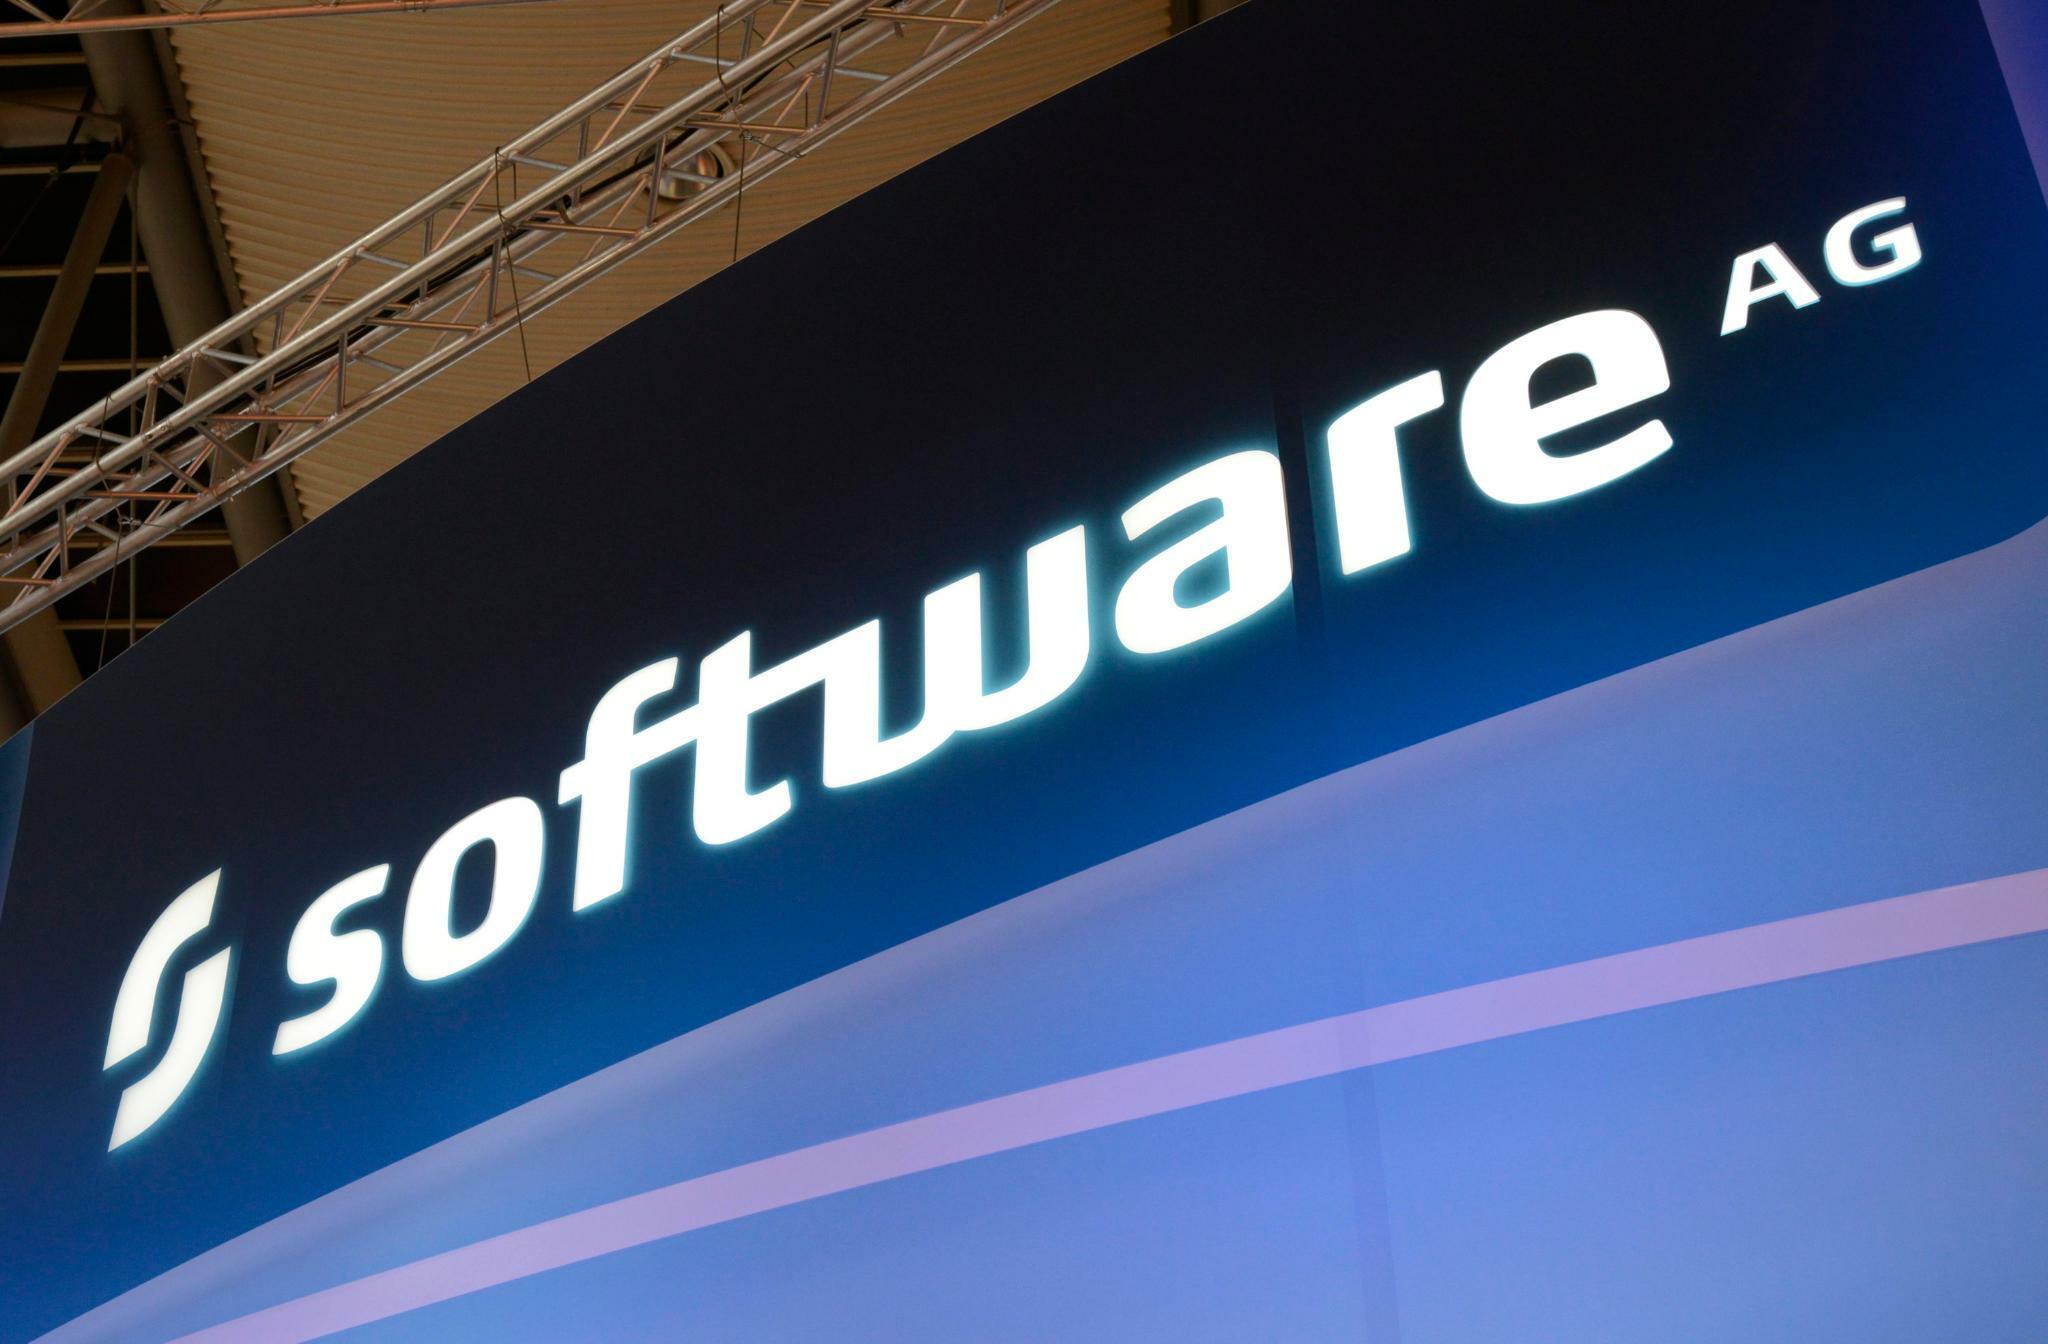 Softwarekonzern: Umbau der Software AG lässt Umsatz und Gewinn kräftig steigen